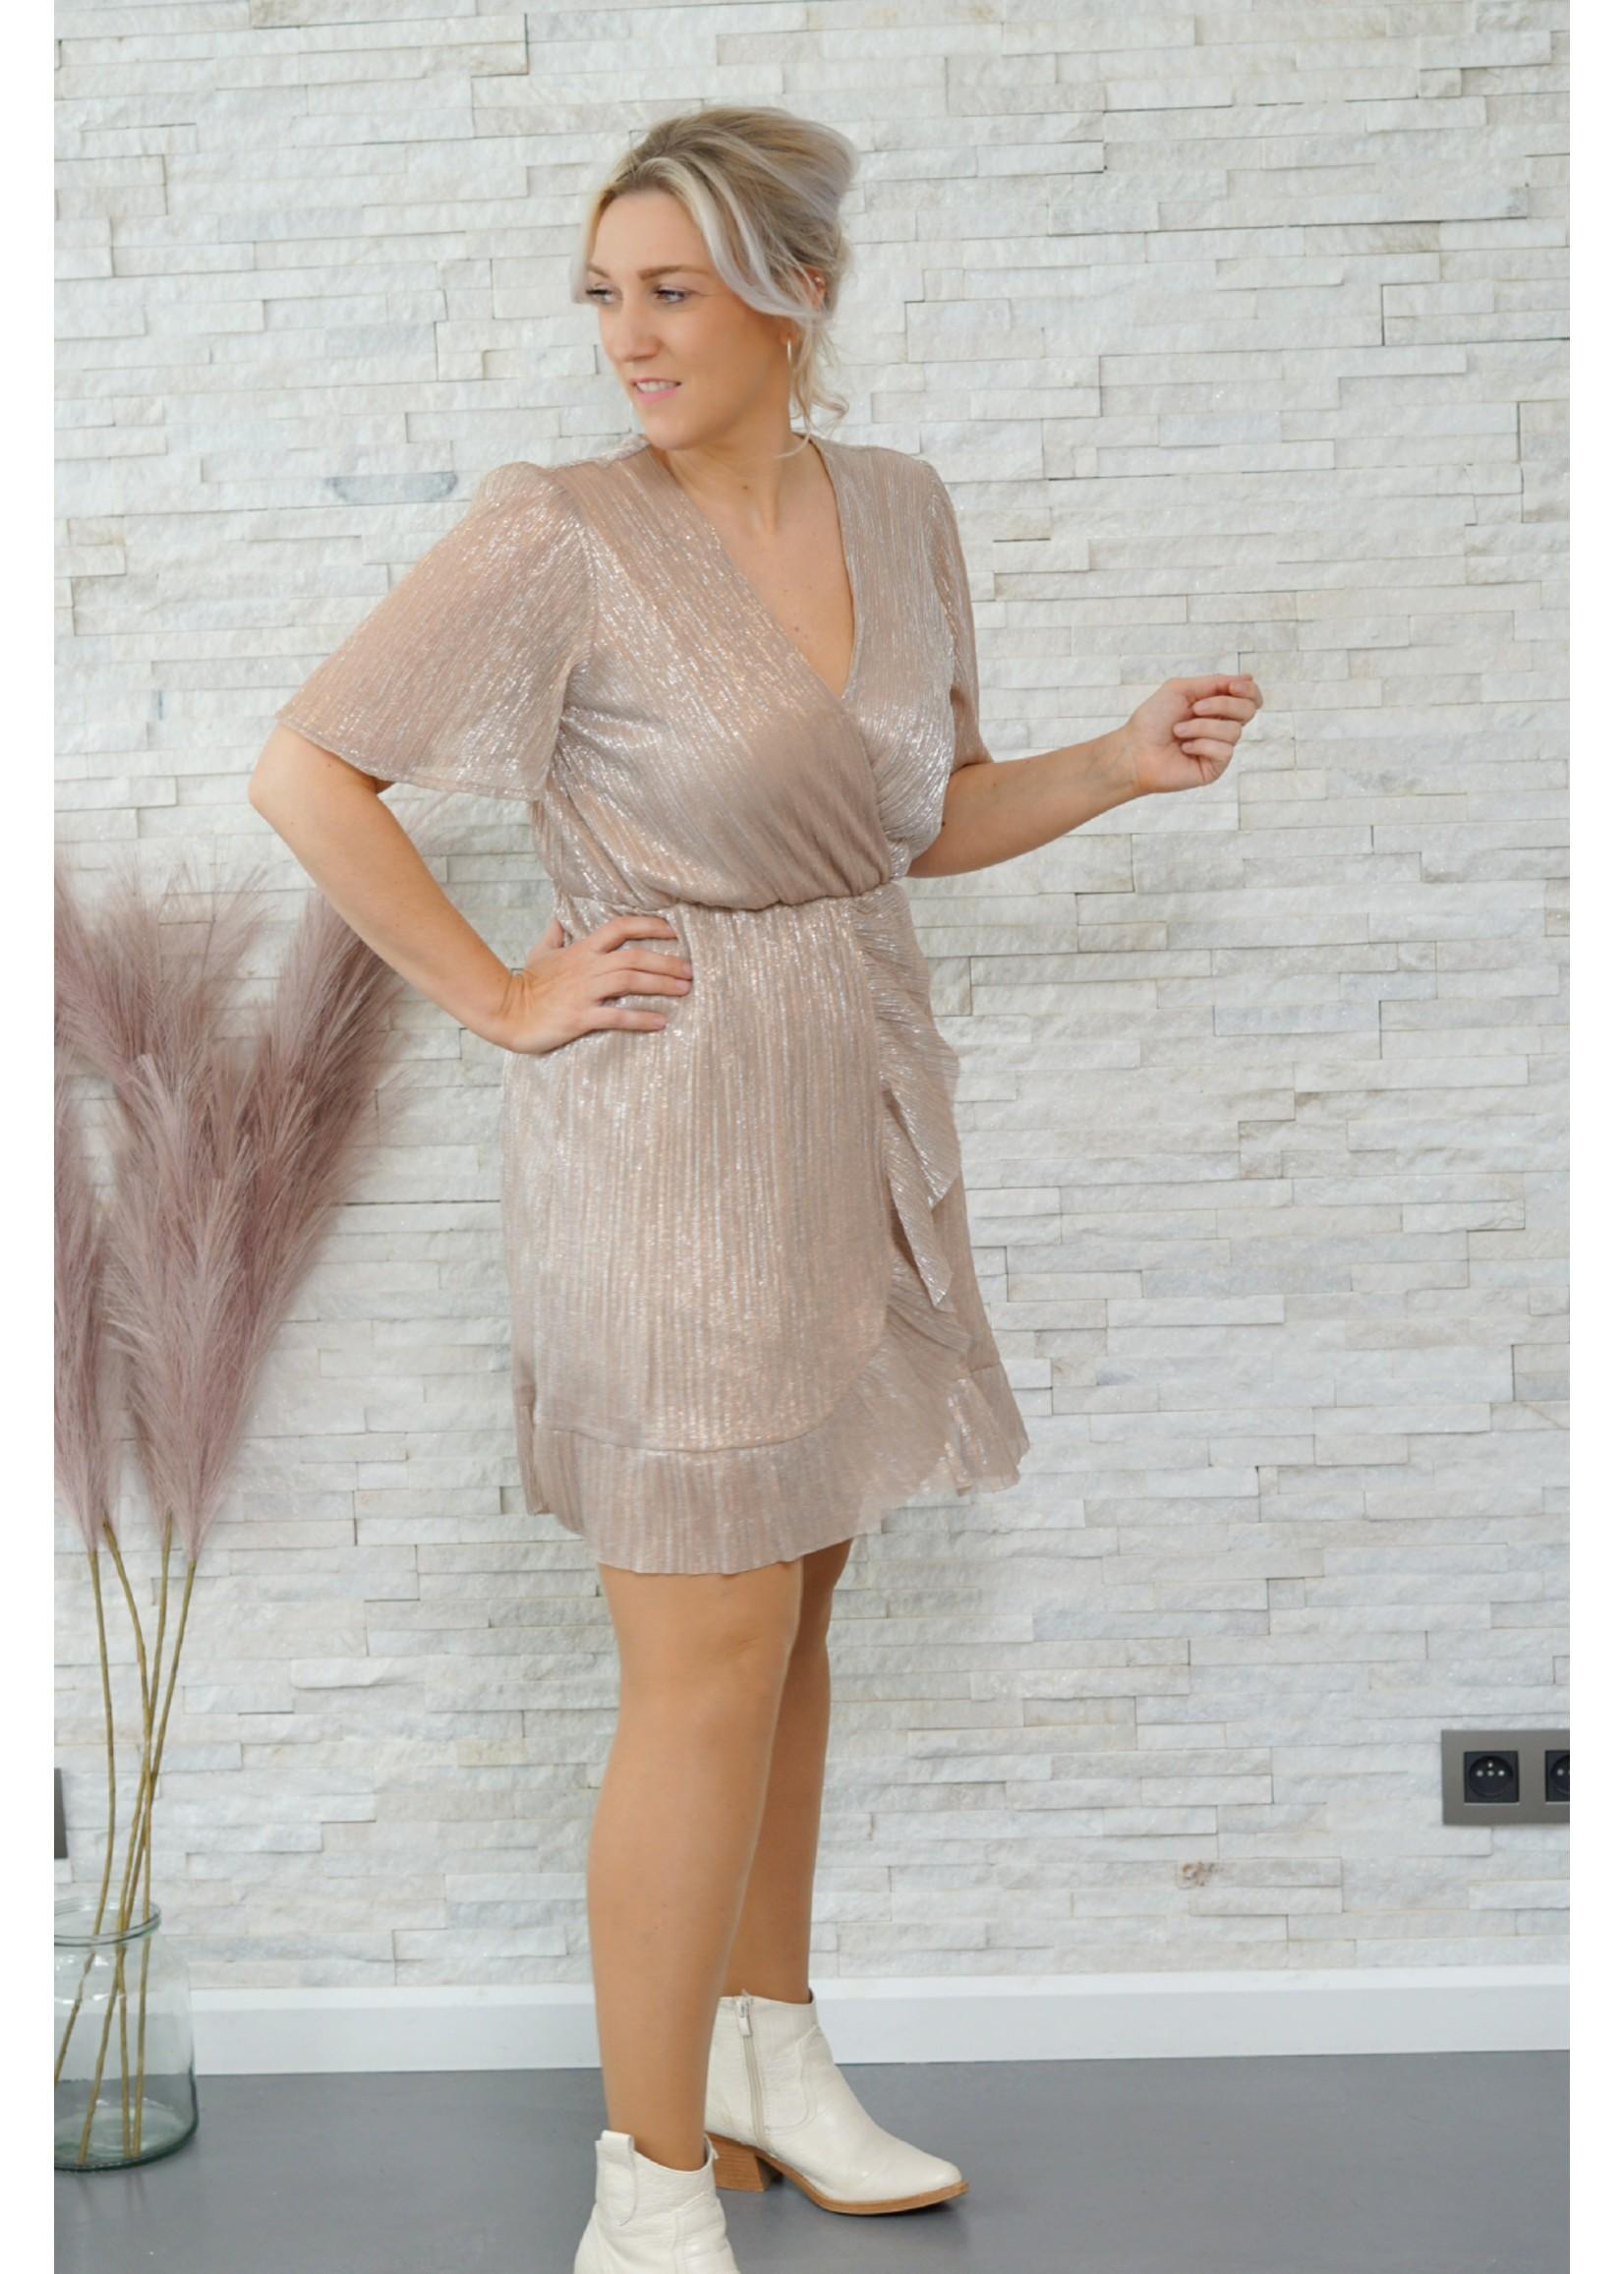 yentlK.byyentl Yentlk dress champagne